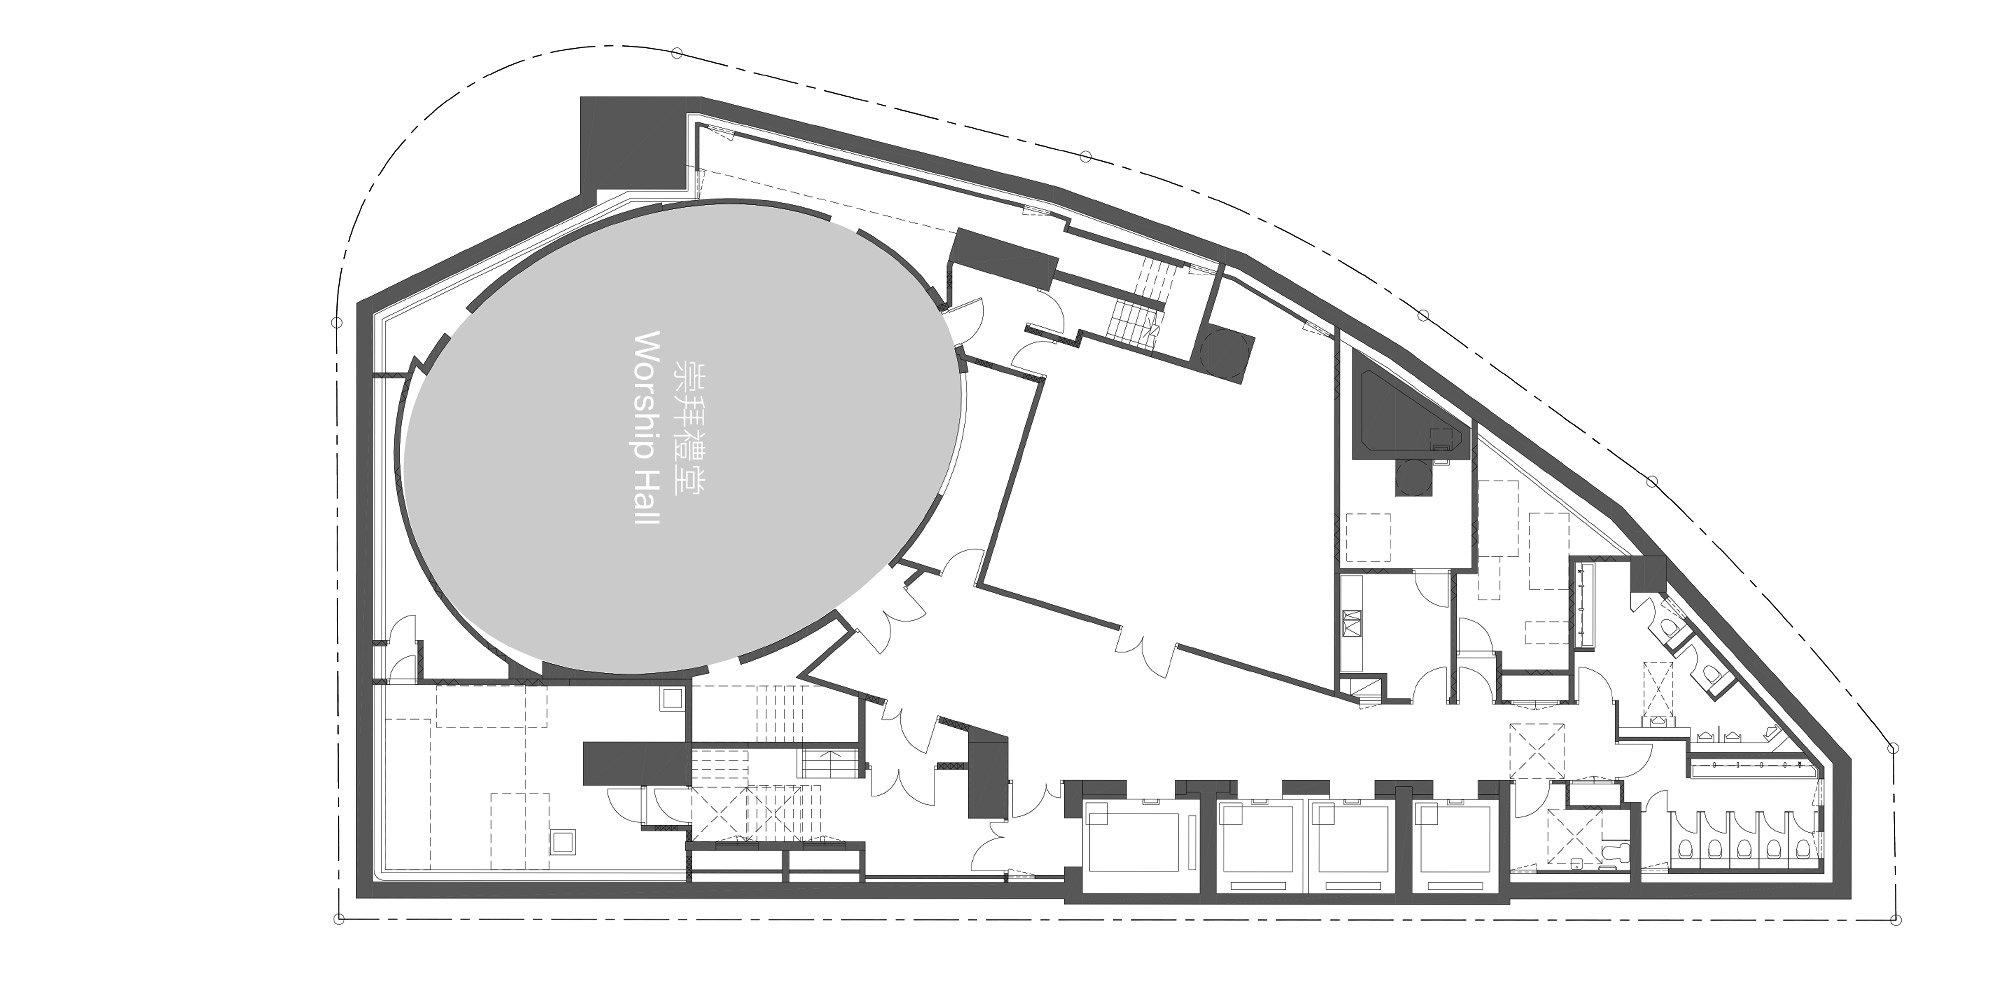 Pianta Piano Interrato © Rocco Design Architects Associates